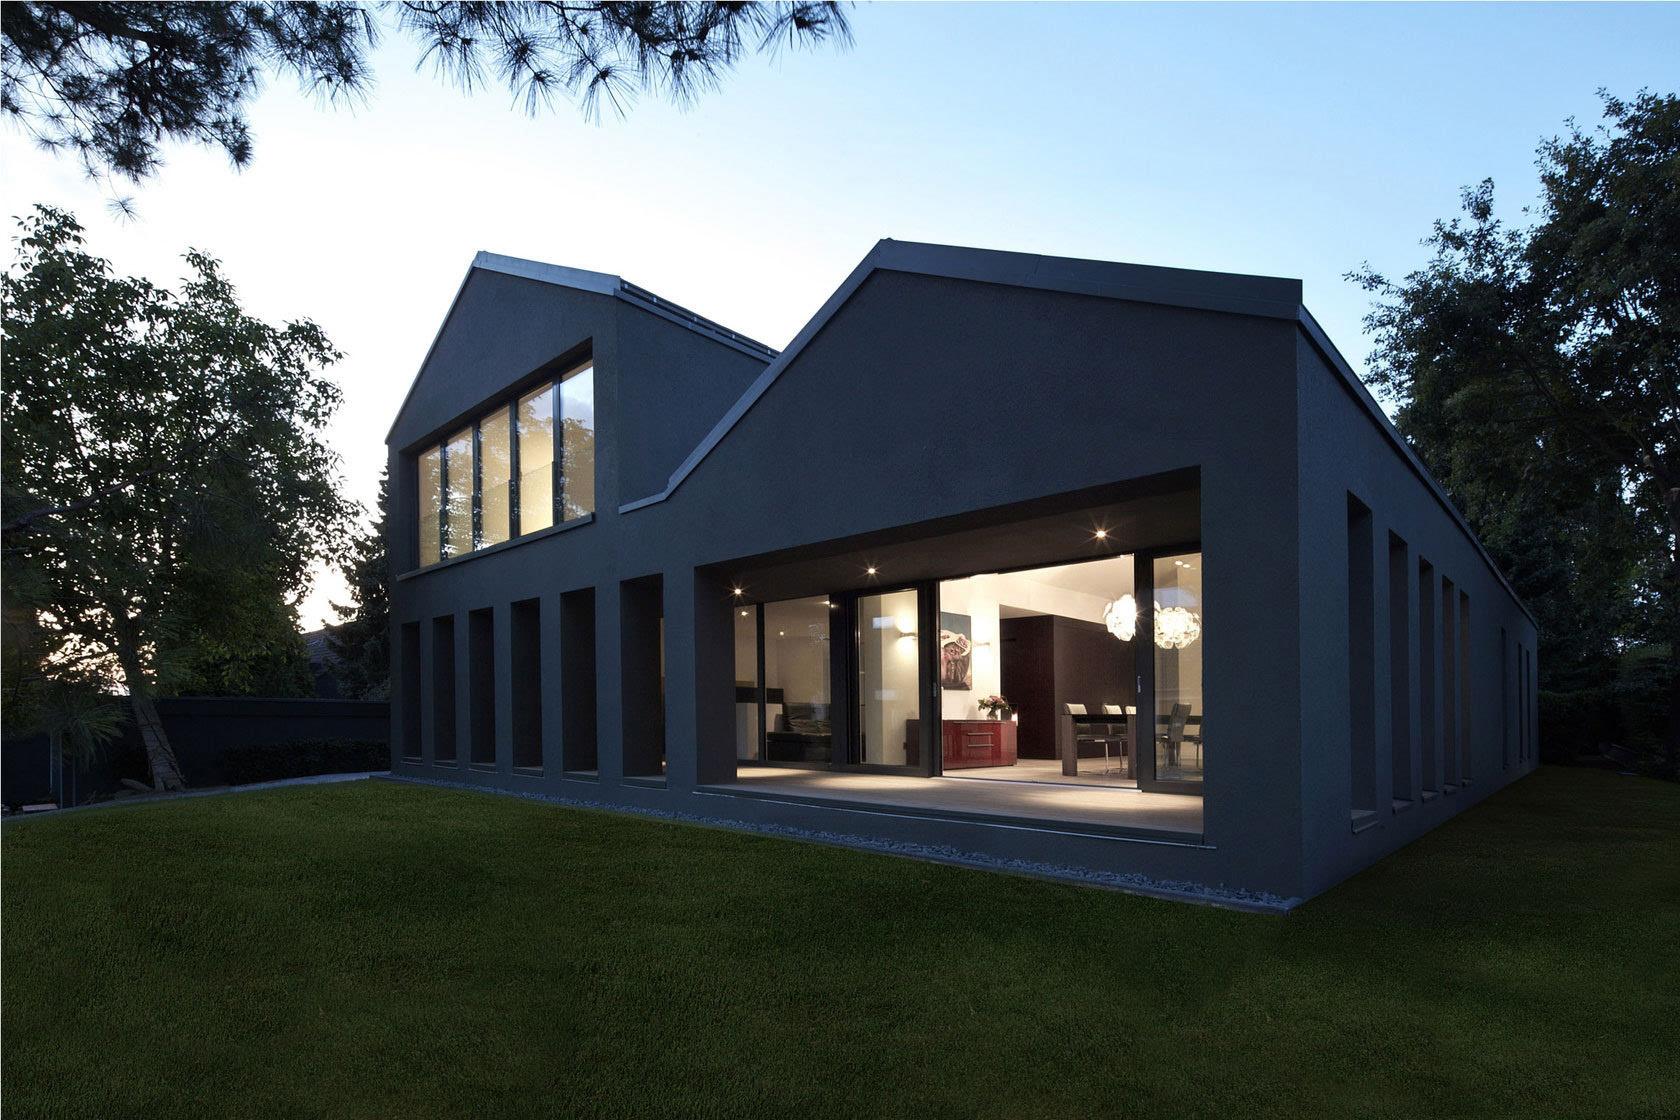 二层别墅图片大全_黑色自建房的独白